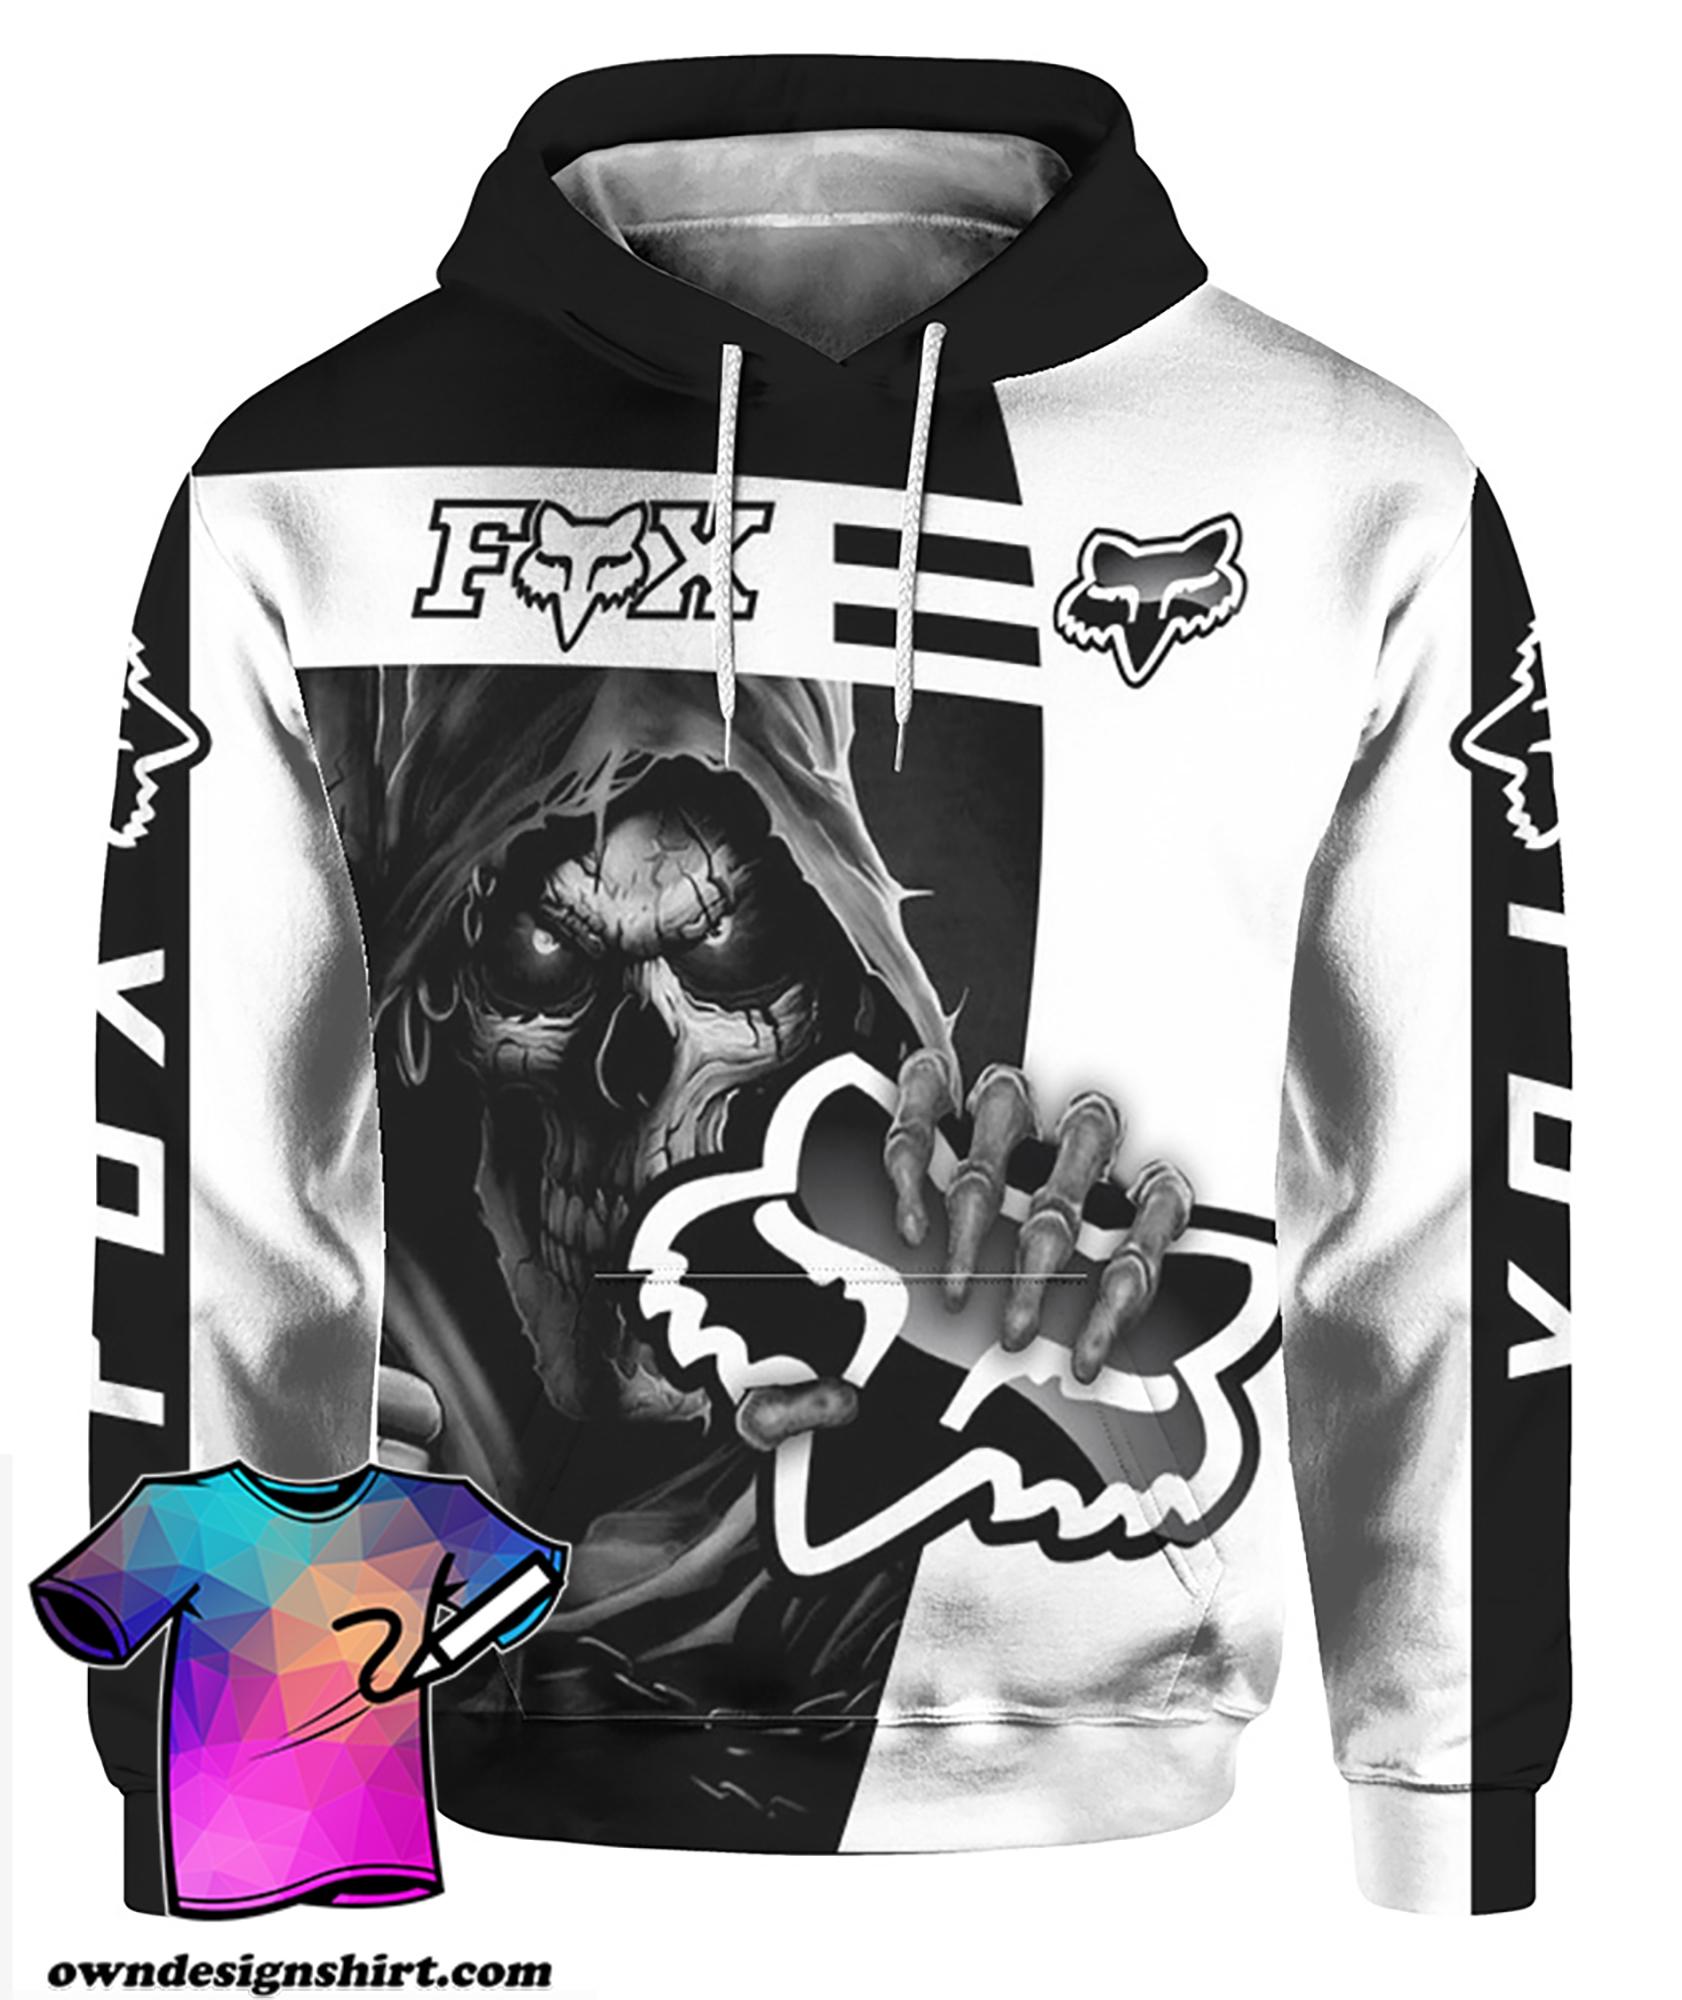 Death skull holds logo fox racing full printing hoodie